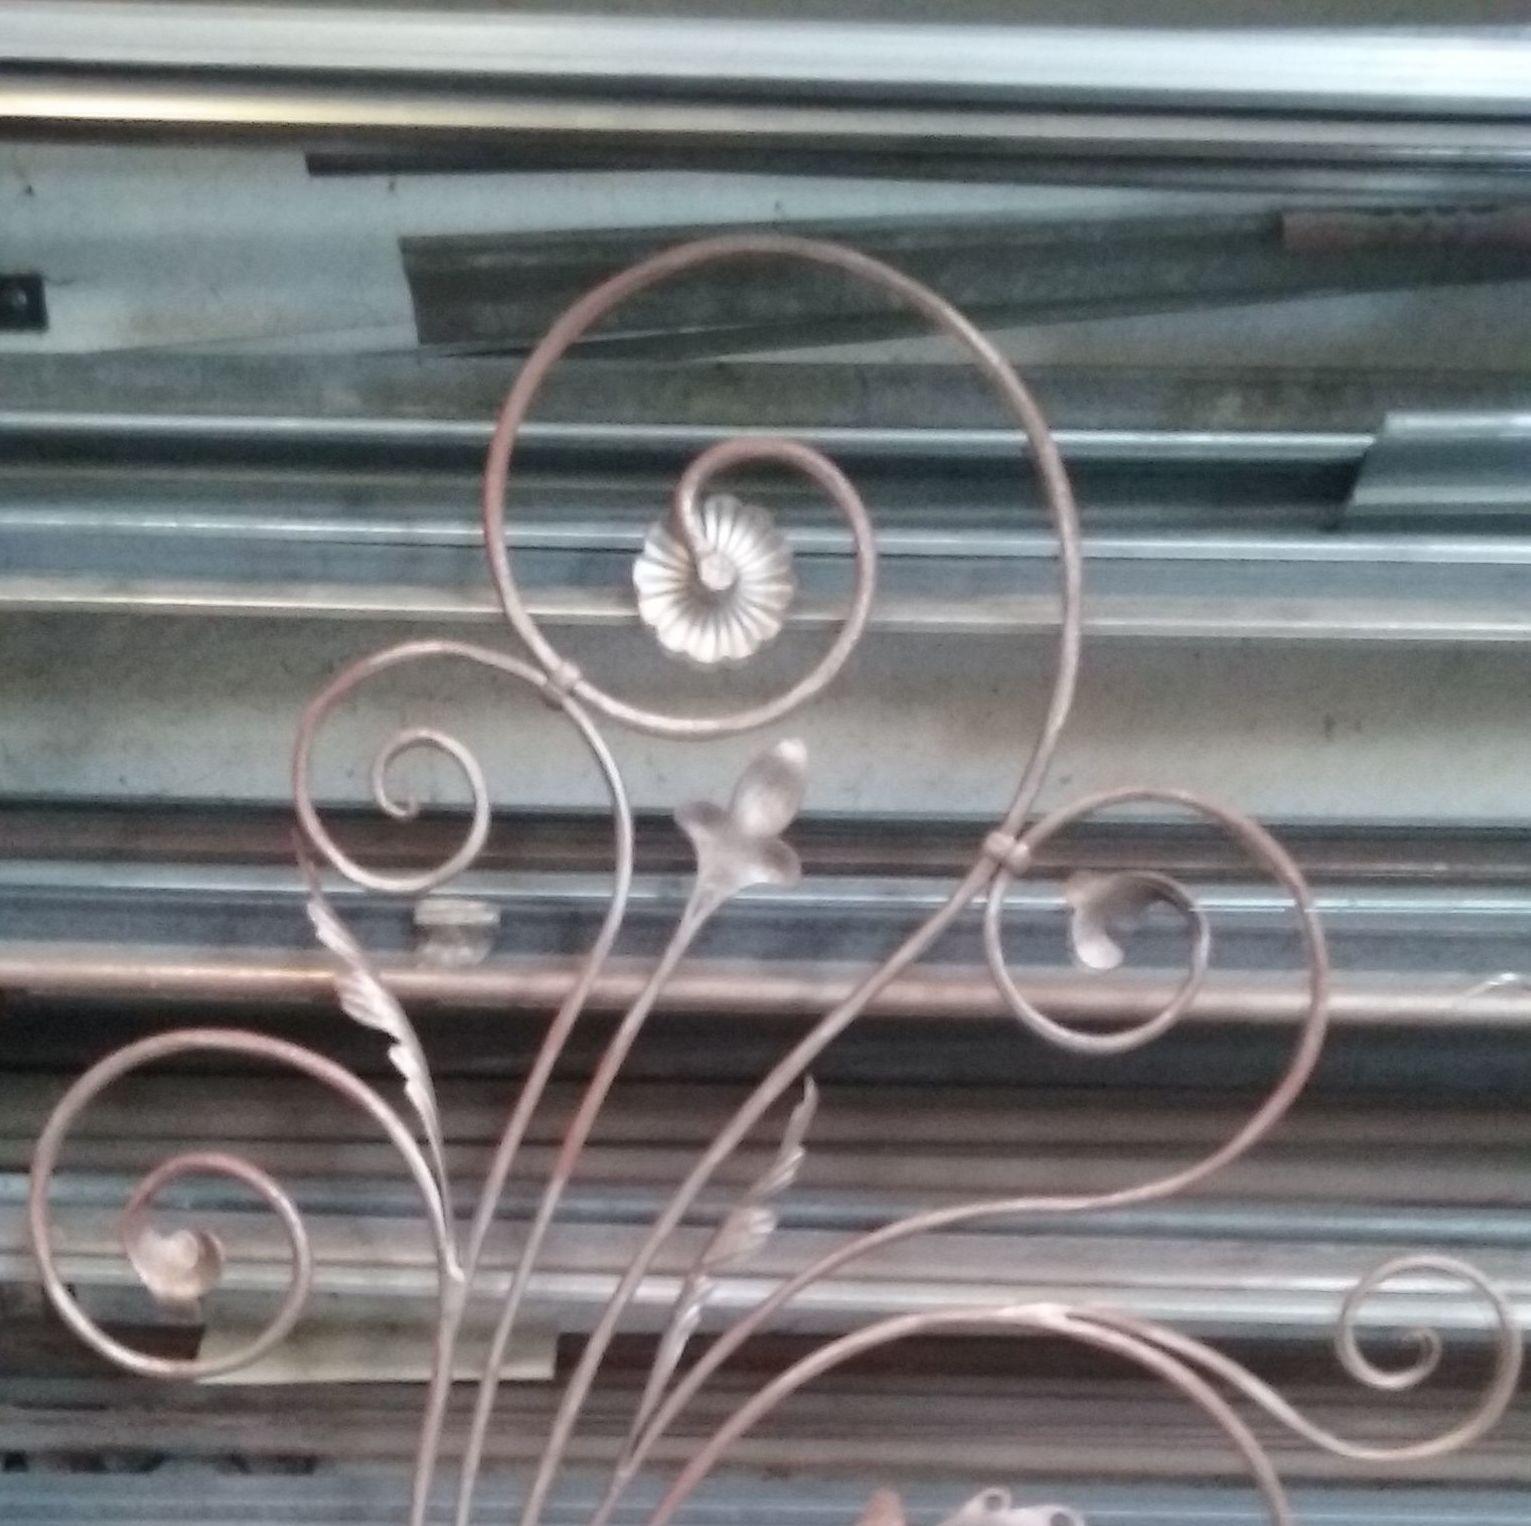 Foto 36 de Carpintería de aluminio, metálica y PVC en  | Exposición, Carpintería de aluminio- toldos-cerrajeria - reformas del hogar.